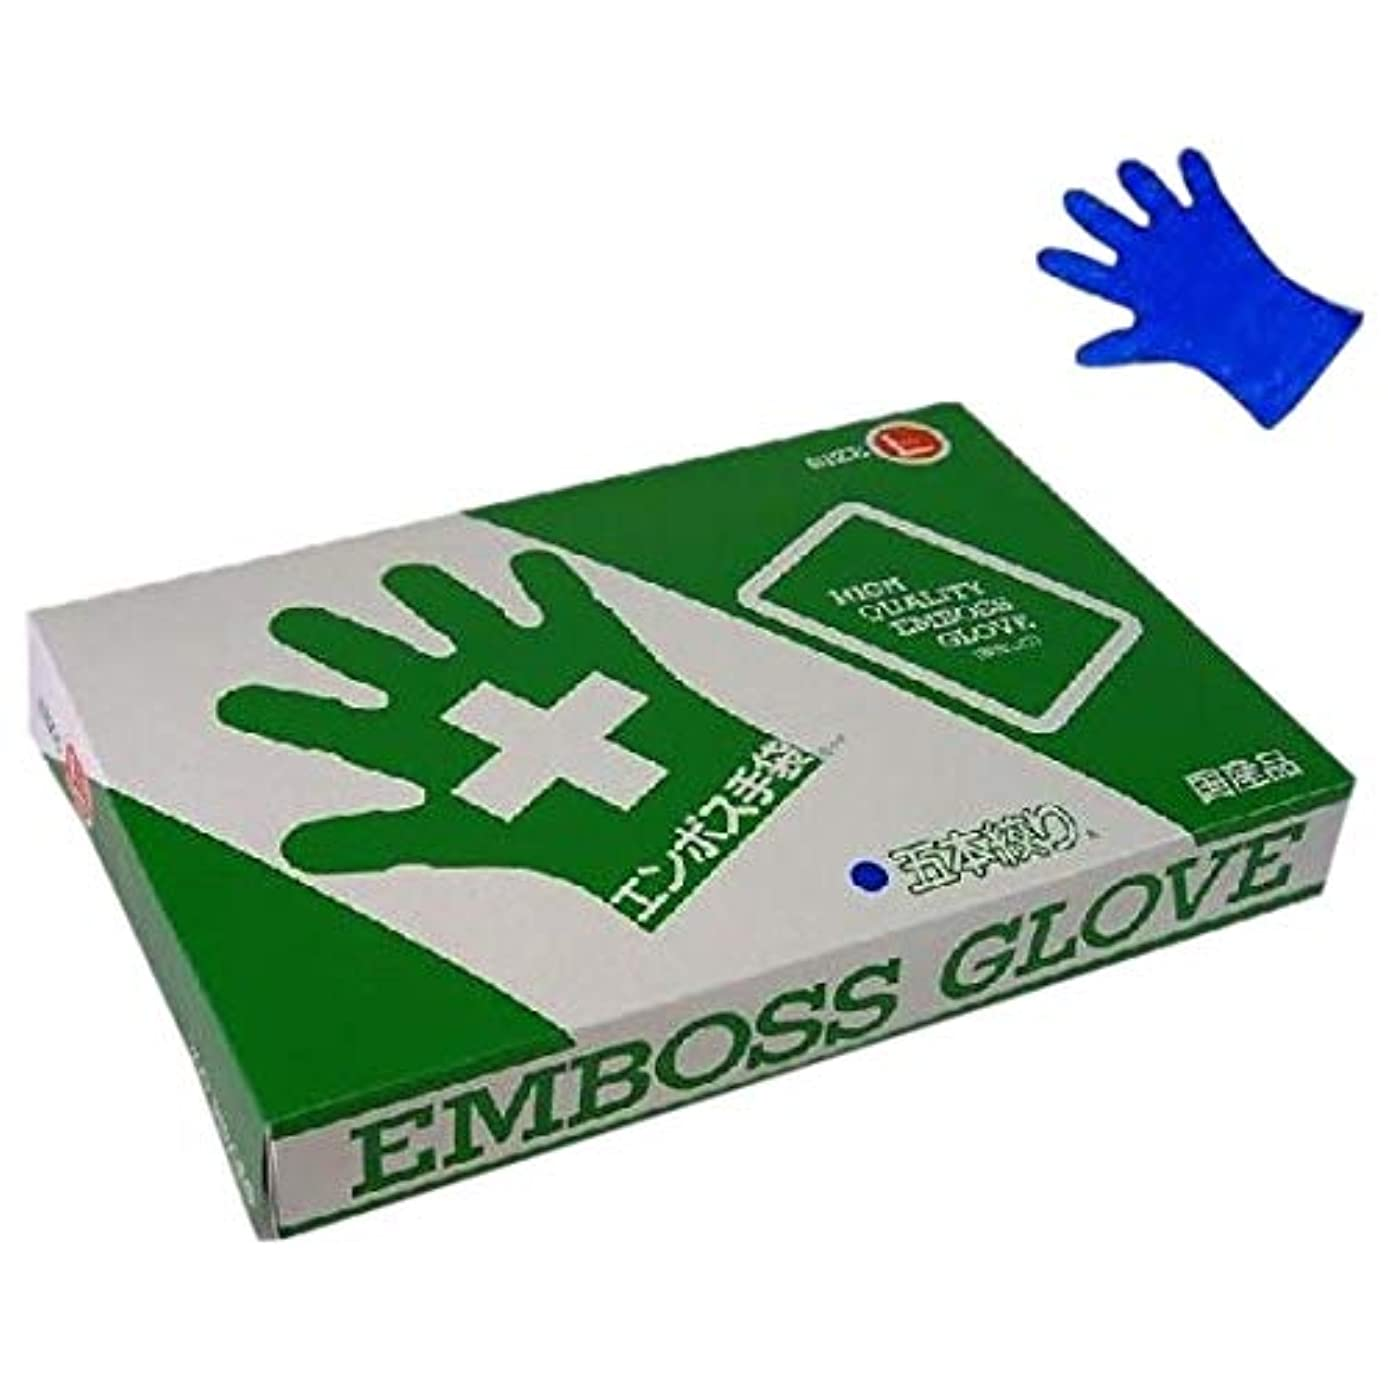 順応性十分な扇動エンボス手袋 5本絞り ブルータイプ 化粧箱入 東京パック L 200枚入×20箱